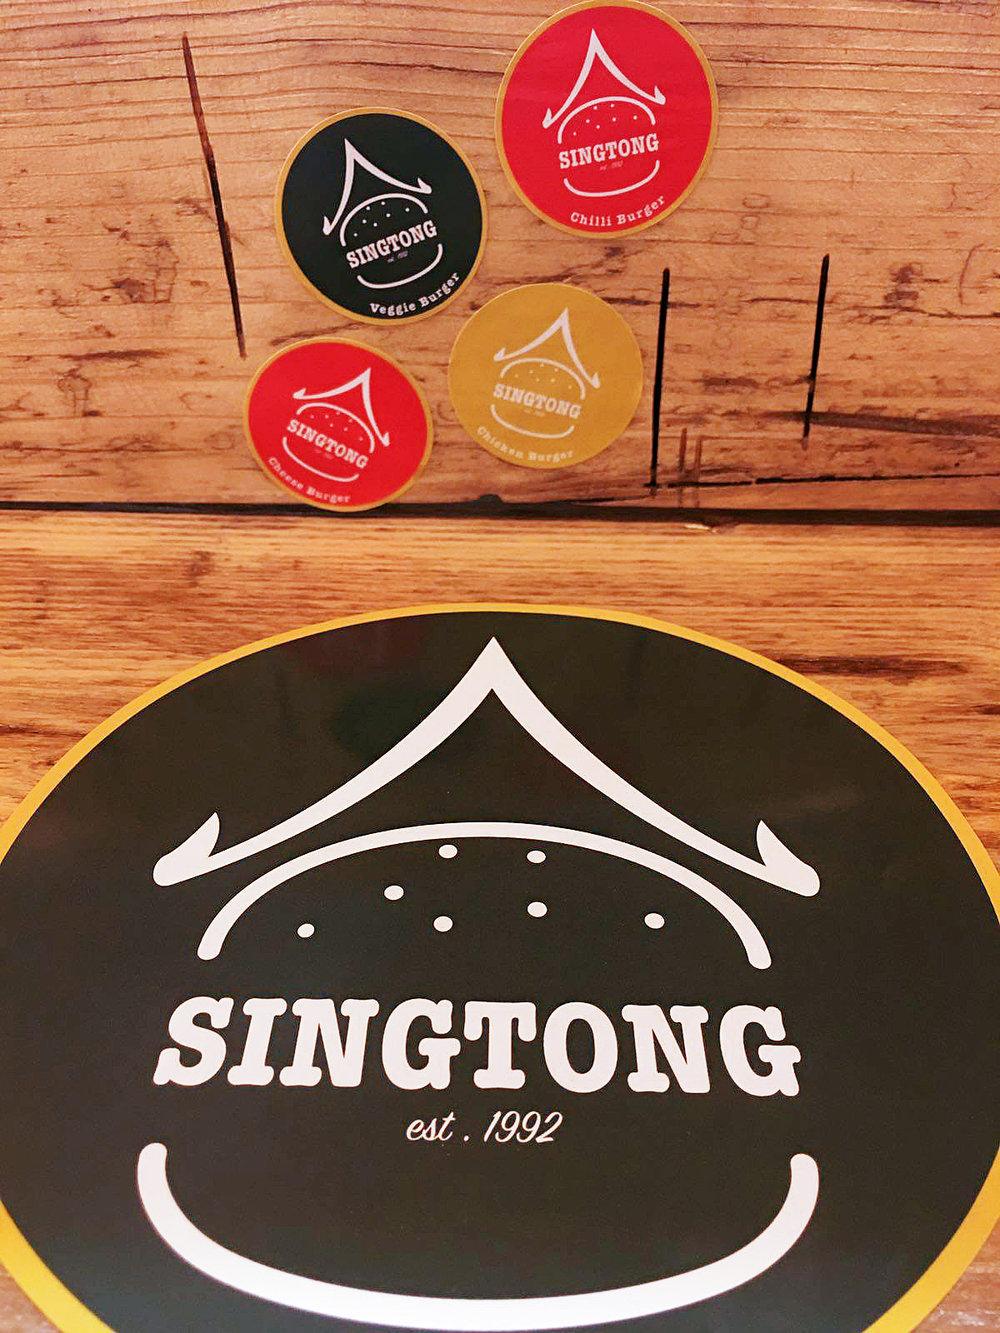 Singtong Burger House